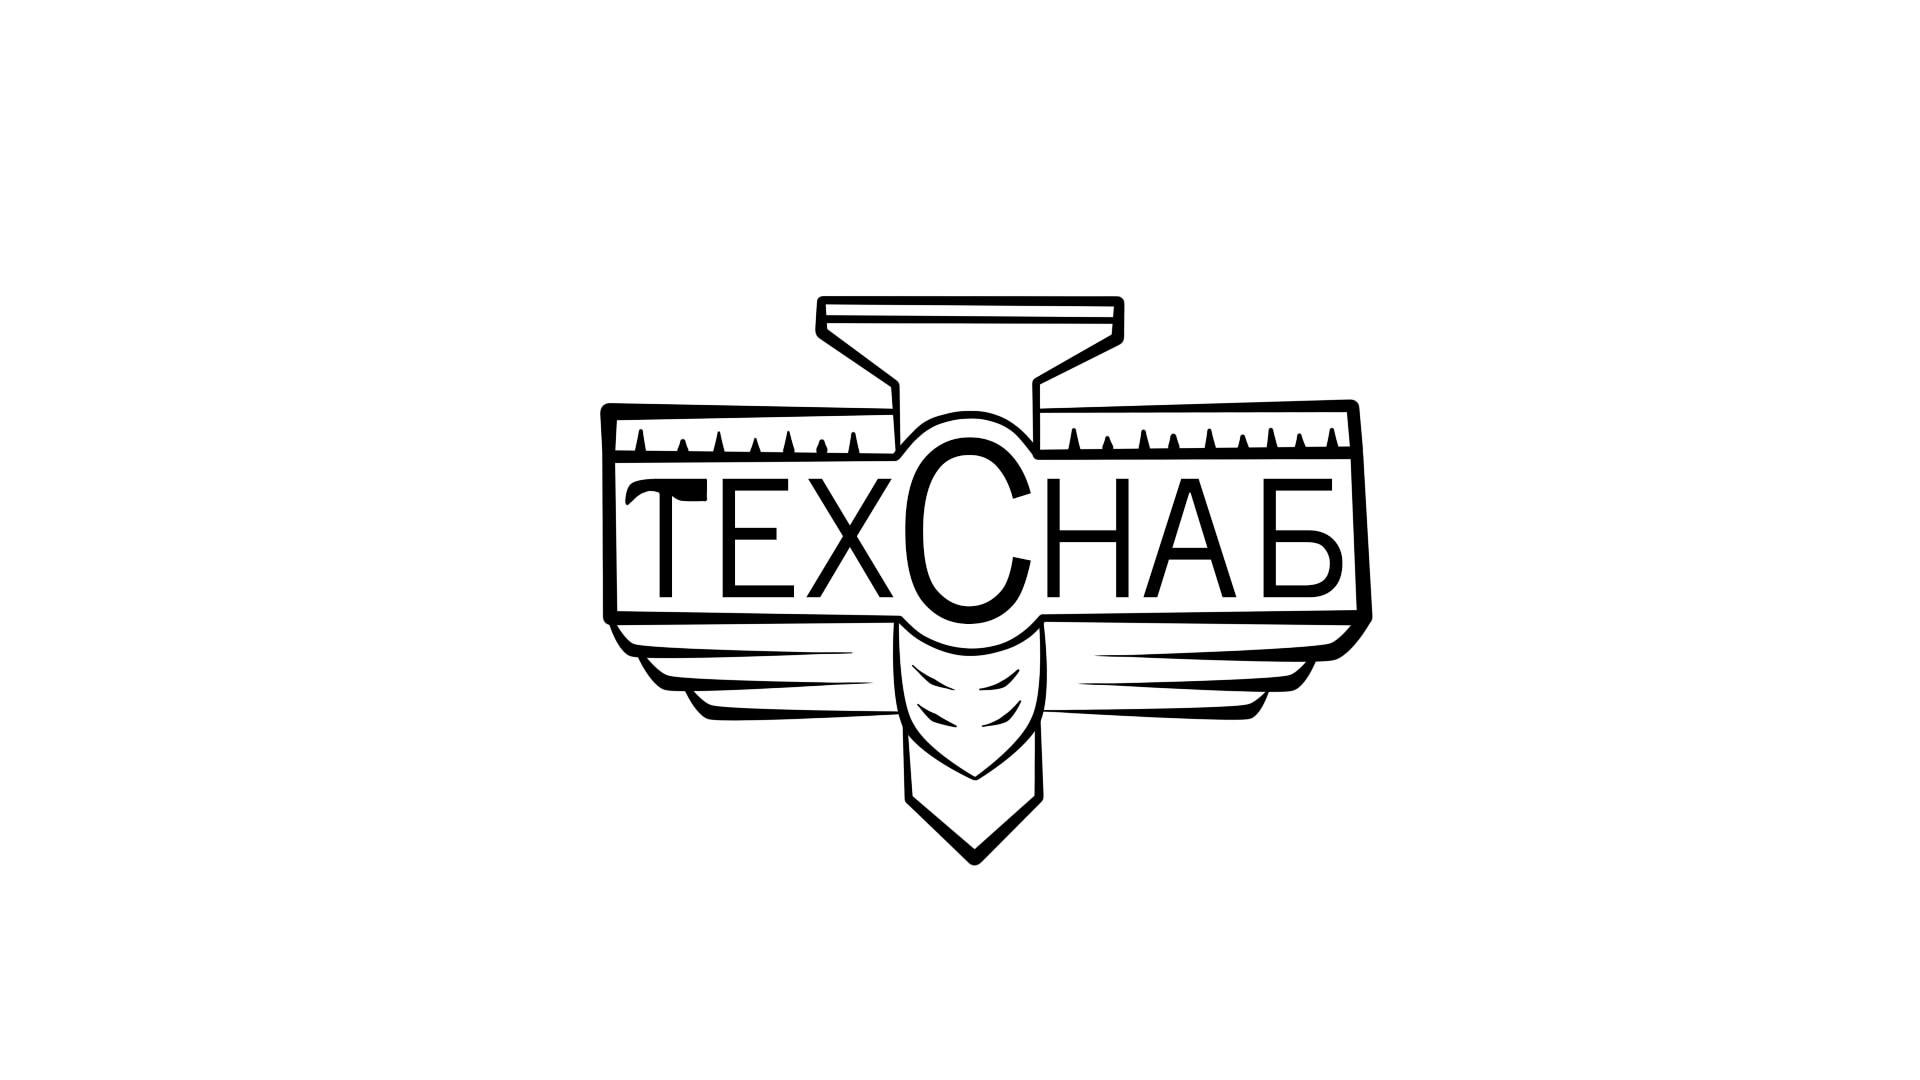 Разработка логотипа и фирм. стиля компании  ТЕХСНАБ фото f_2555b1ee5d5c441c.jpg